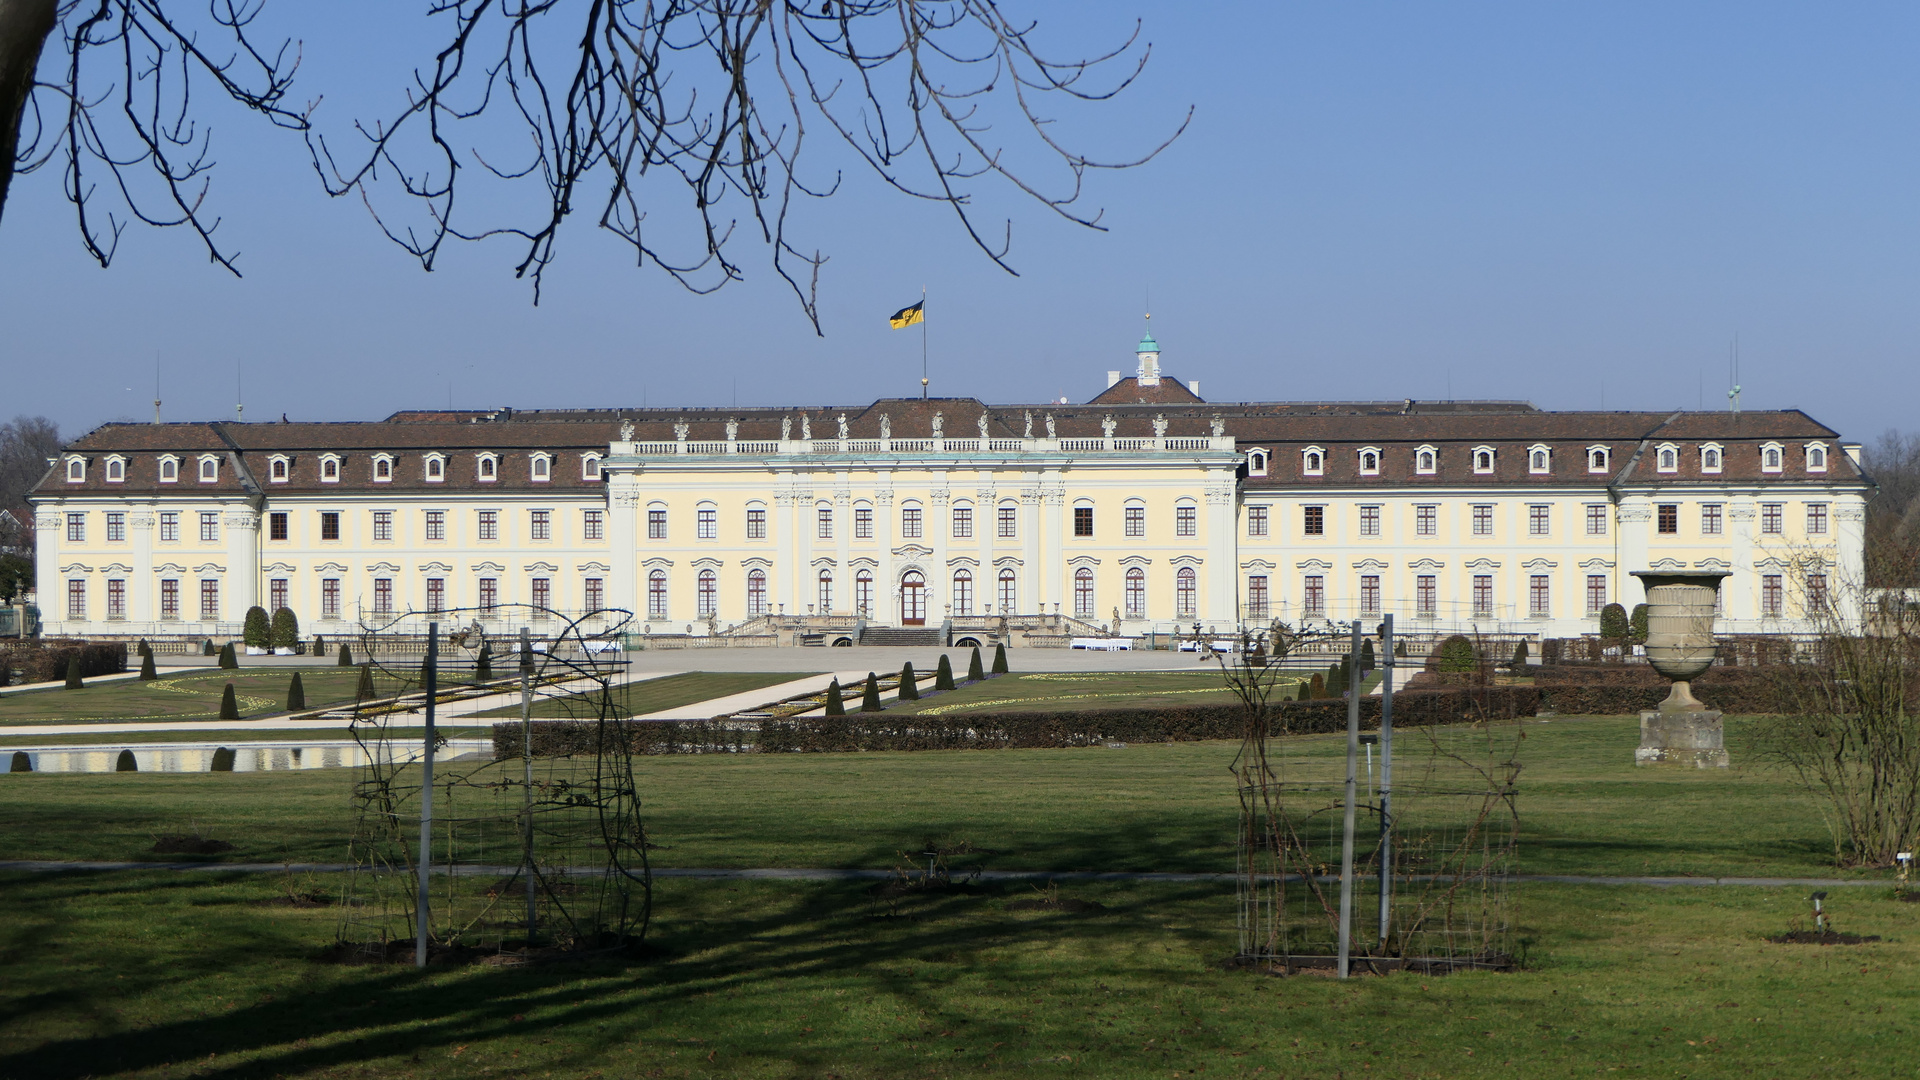 2021-02-28; Ludwigsburg; Blick auf das Schloss